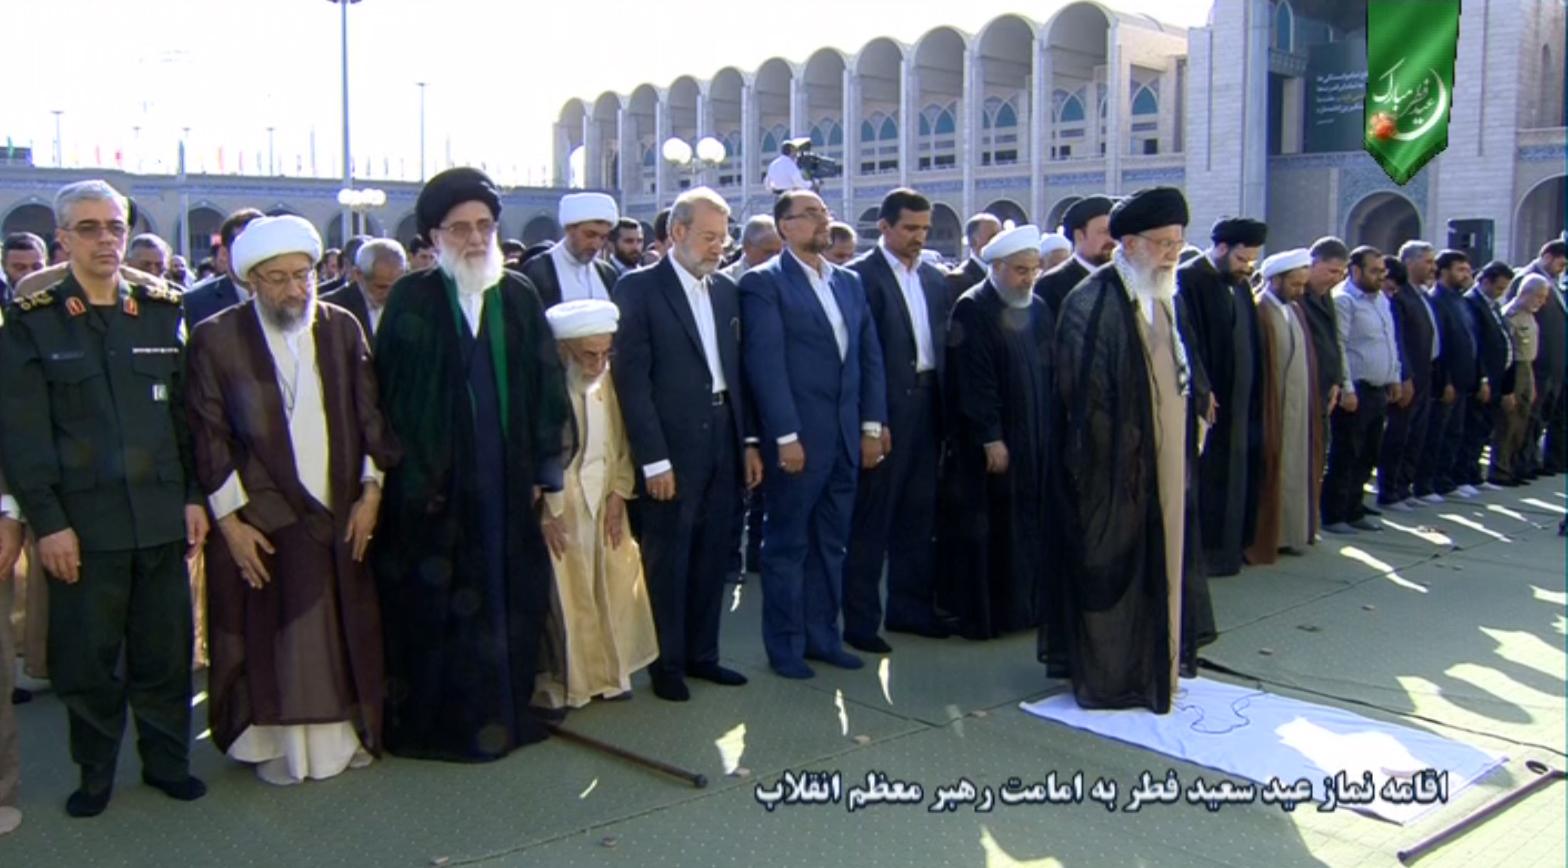 اقامه نماز عید فطر به امامت مقام معظم رهبری + فیلم